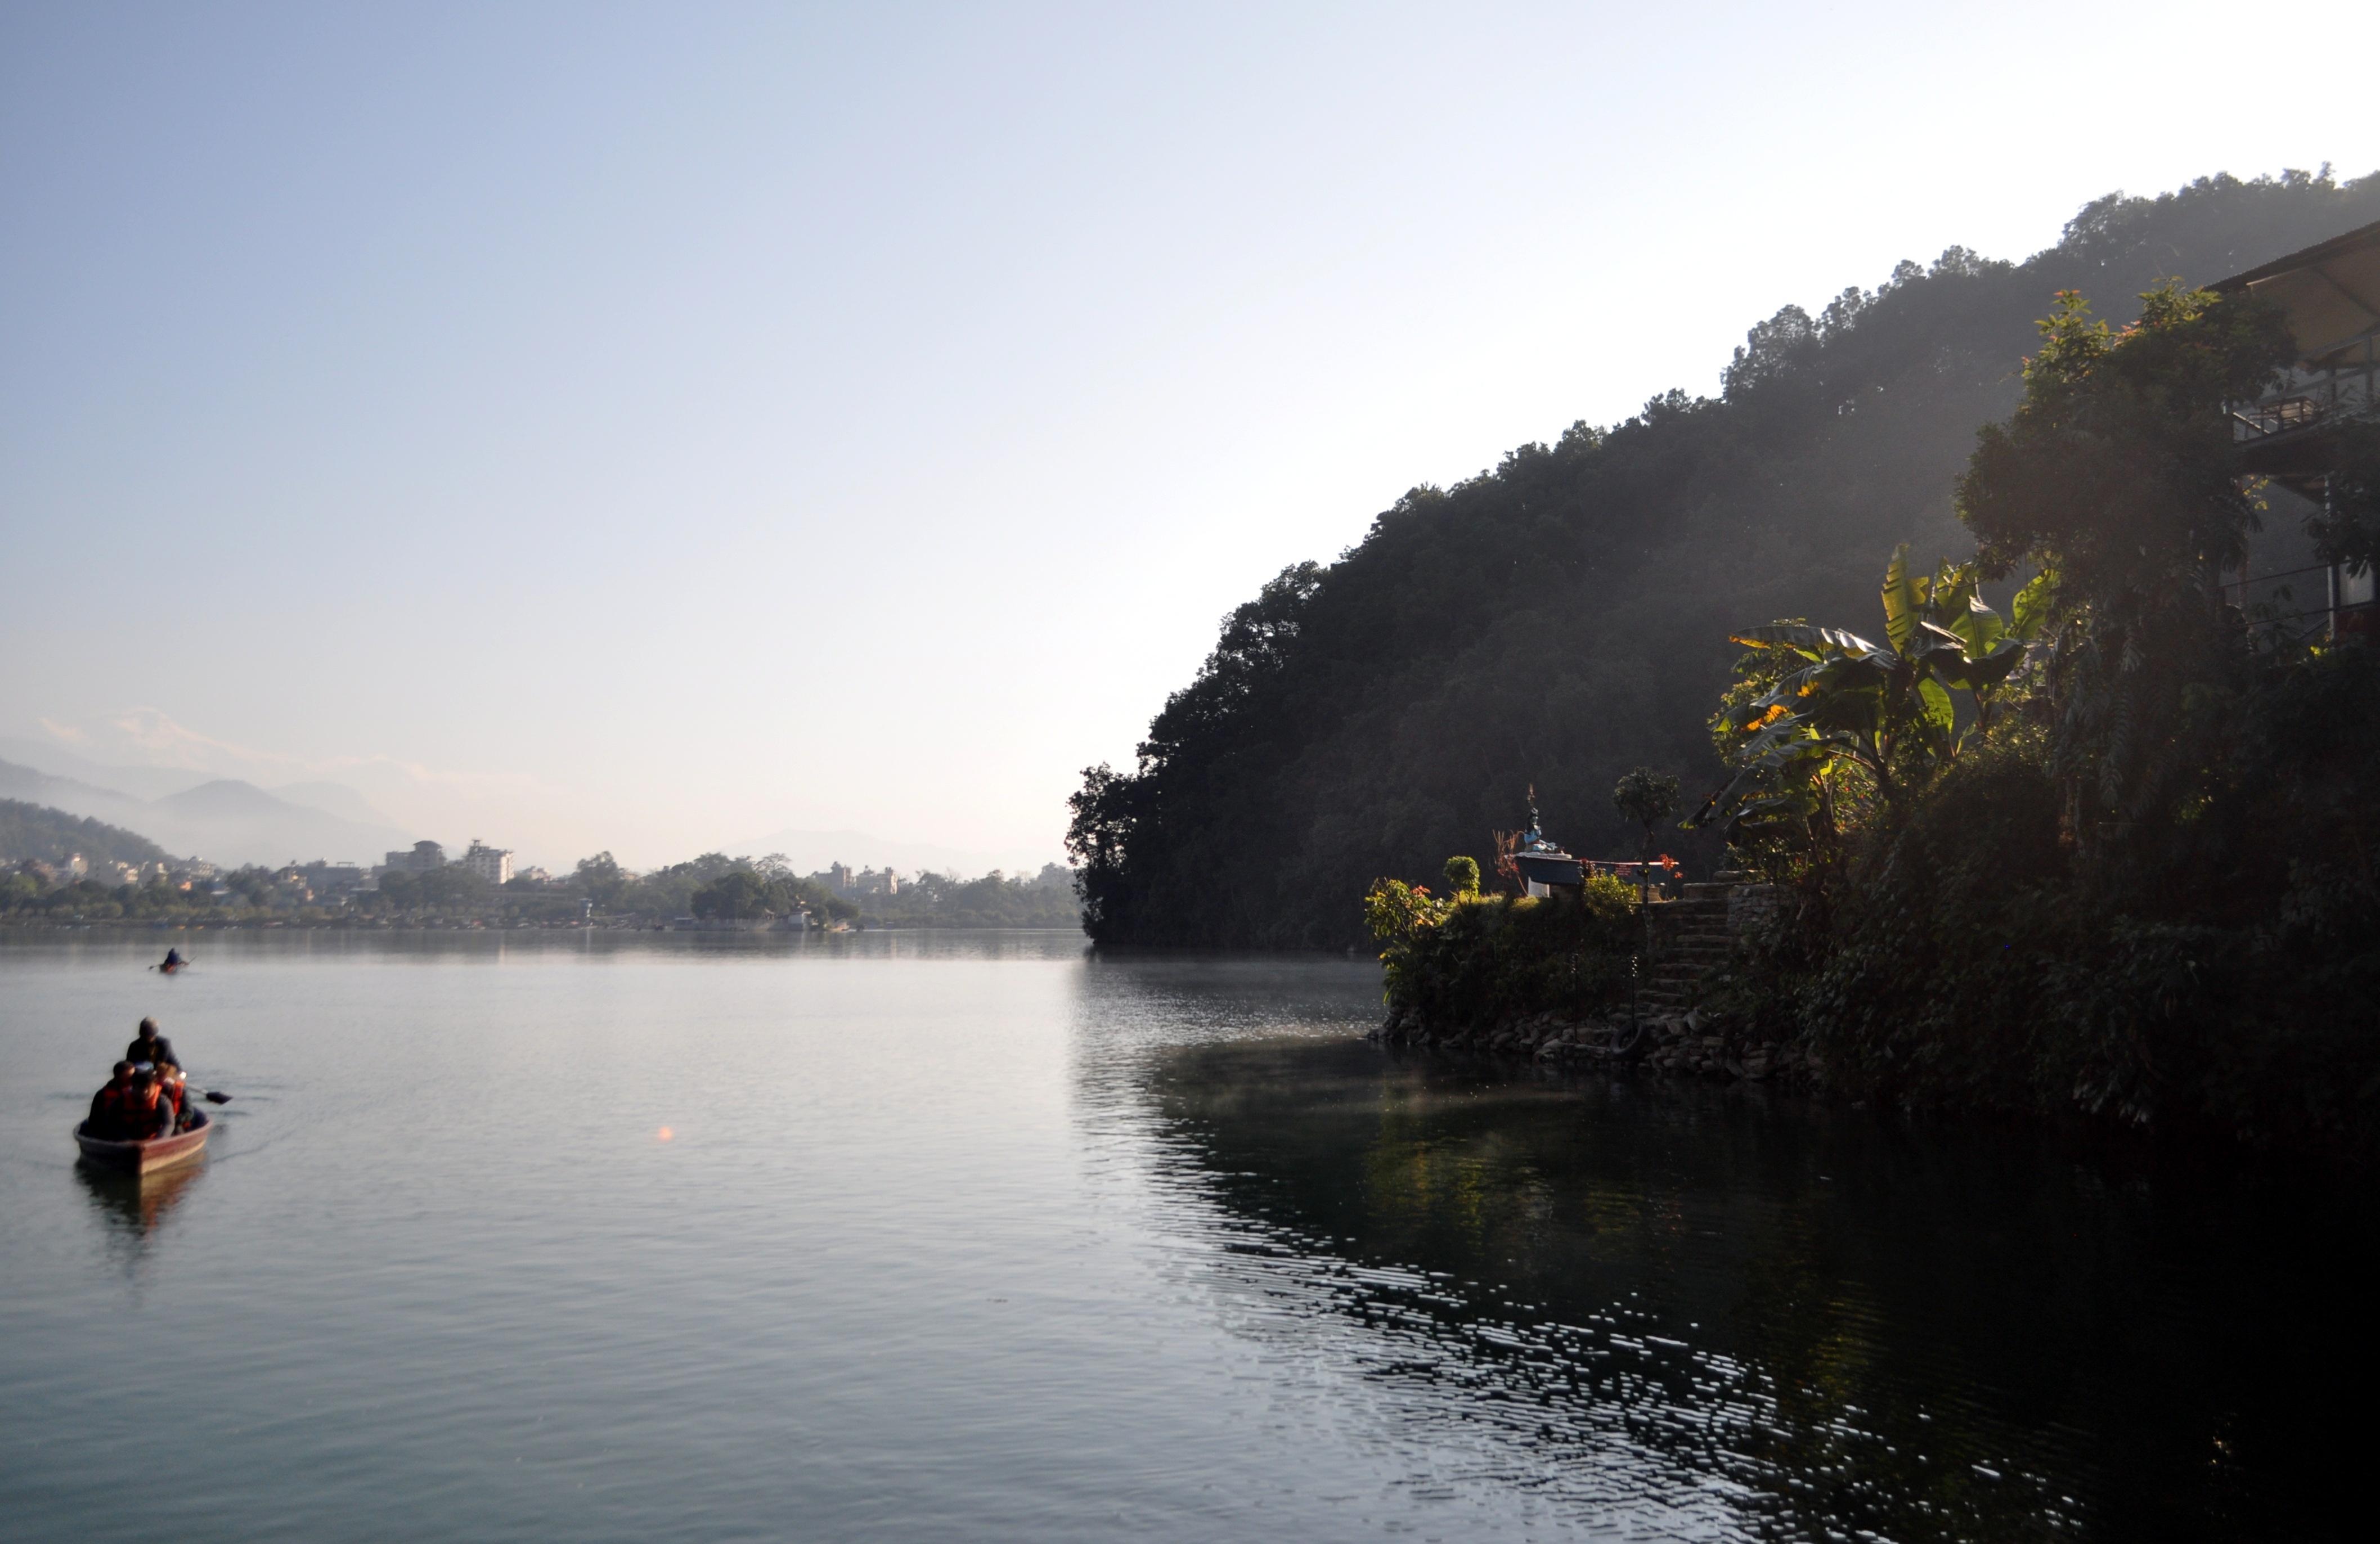 ci facciamo traghettare dall'altra parte del lago, per raggiungere lo Stupa in cima alla collina